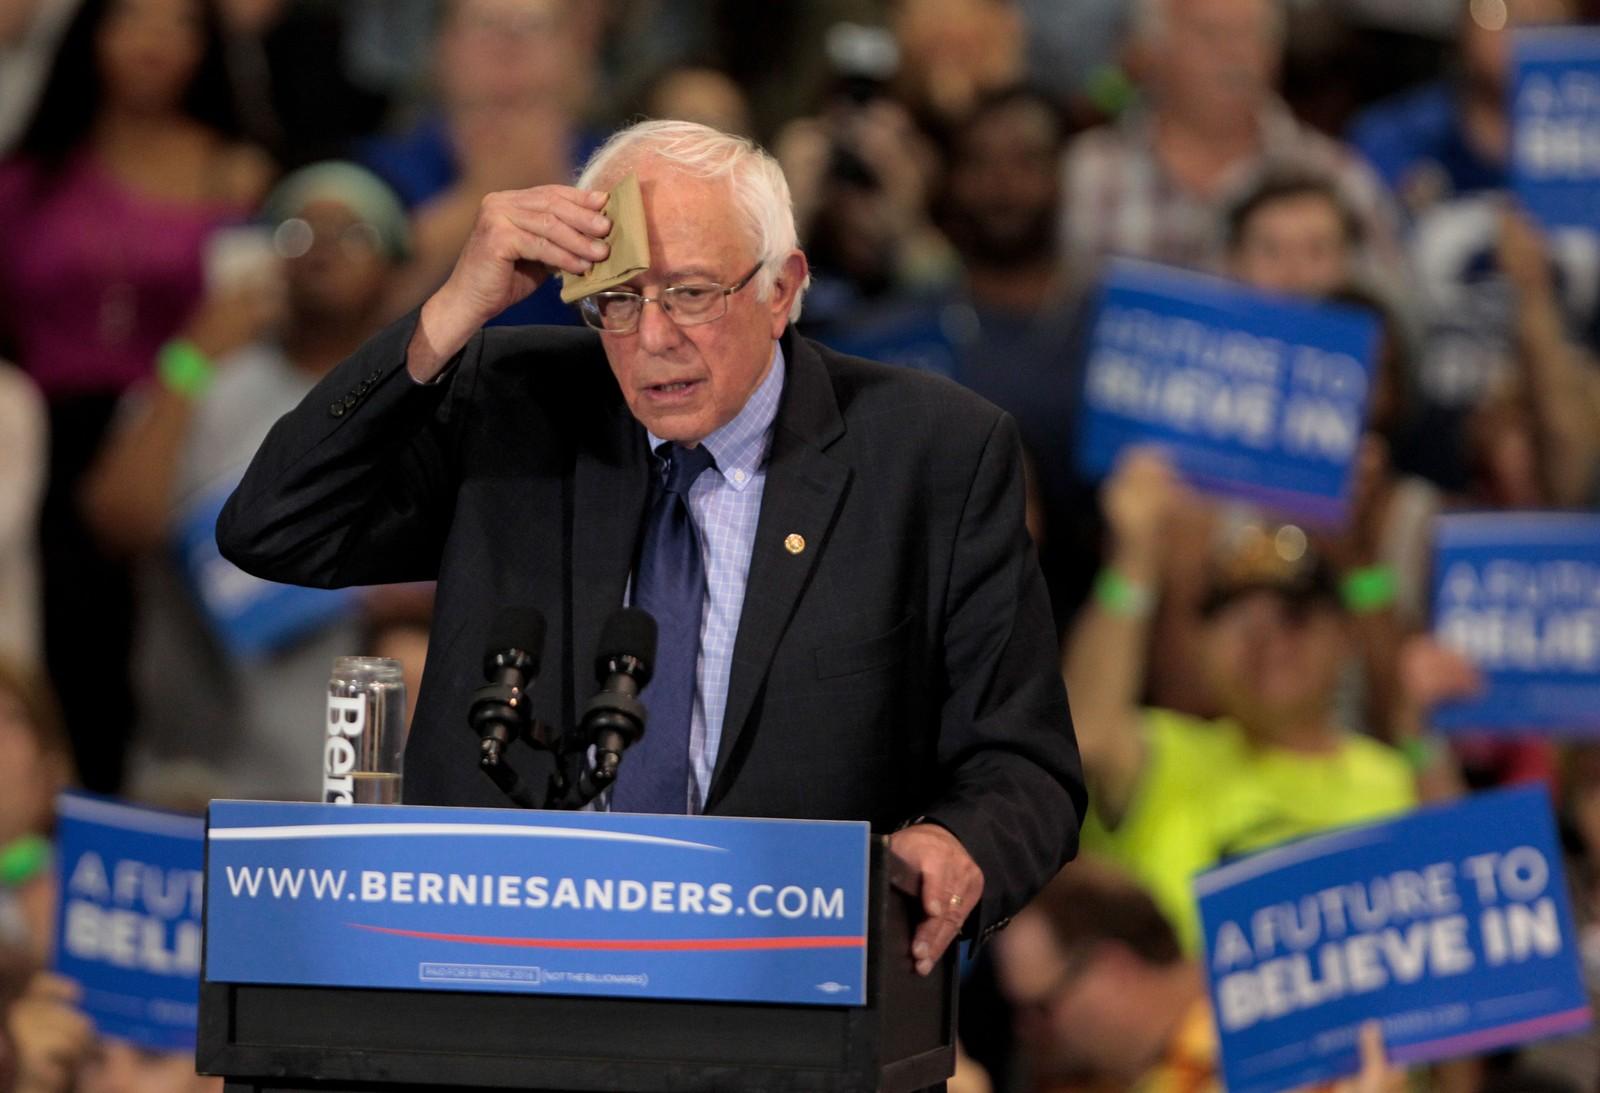 Bernie Sanders tørker pannen under et valgkampmøte i Huntington, Vest-Virginia i USA tirsdag denne uken.